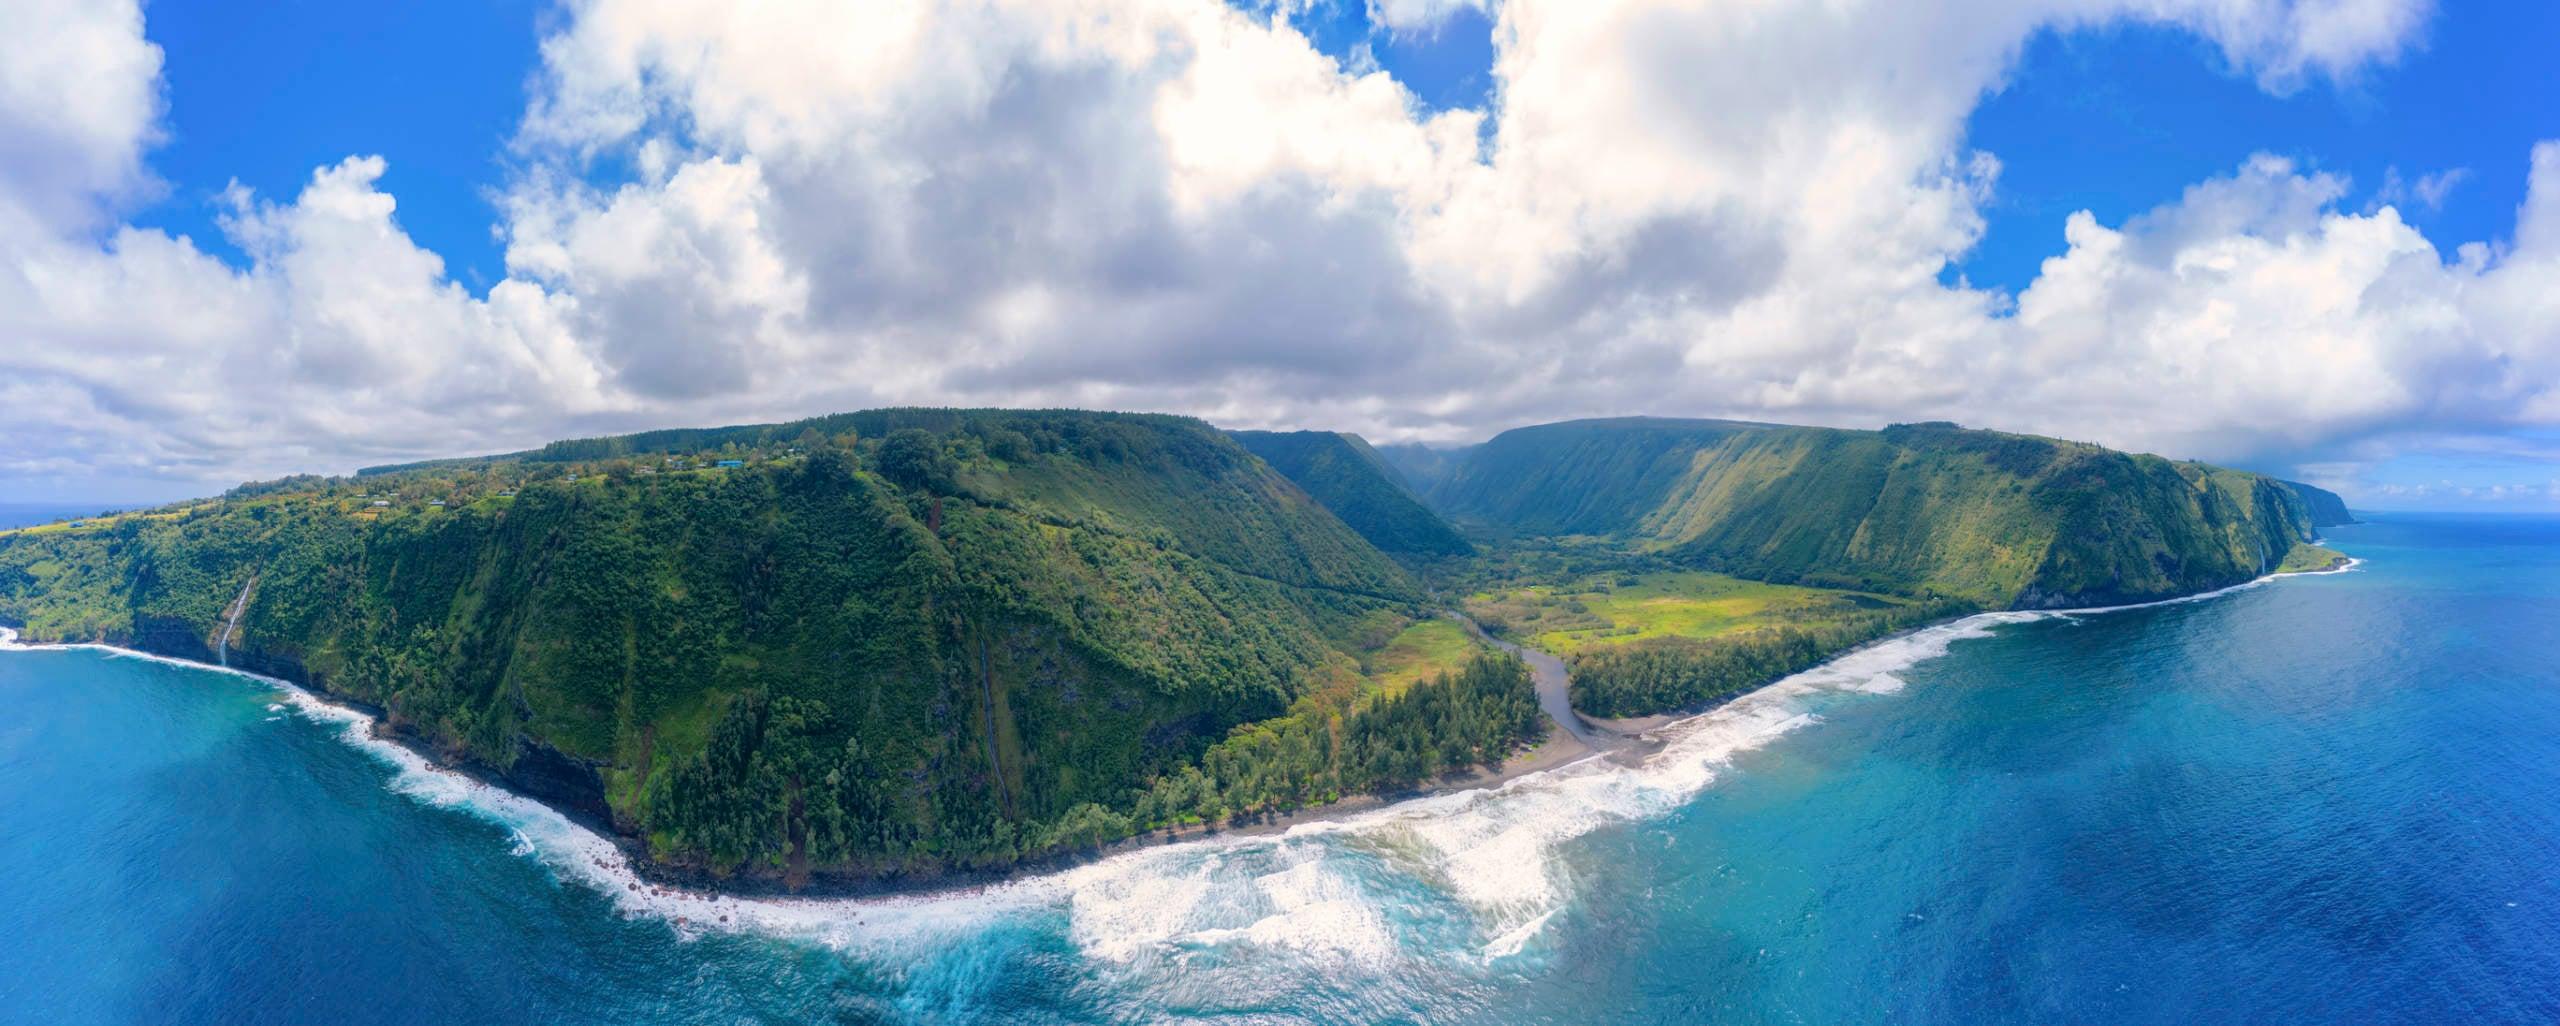 7 fun things to do in Hilo, Hawaii on the Big Island